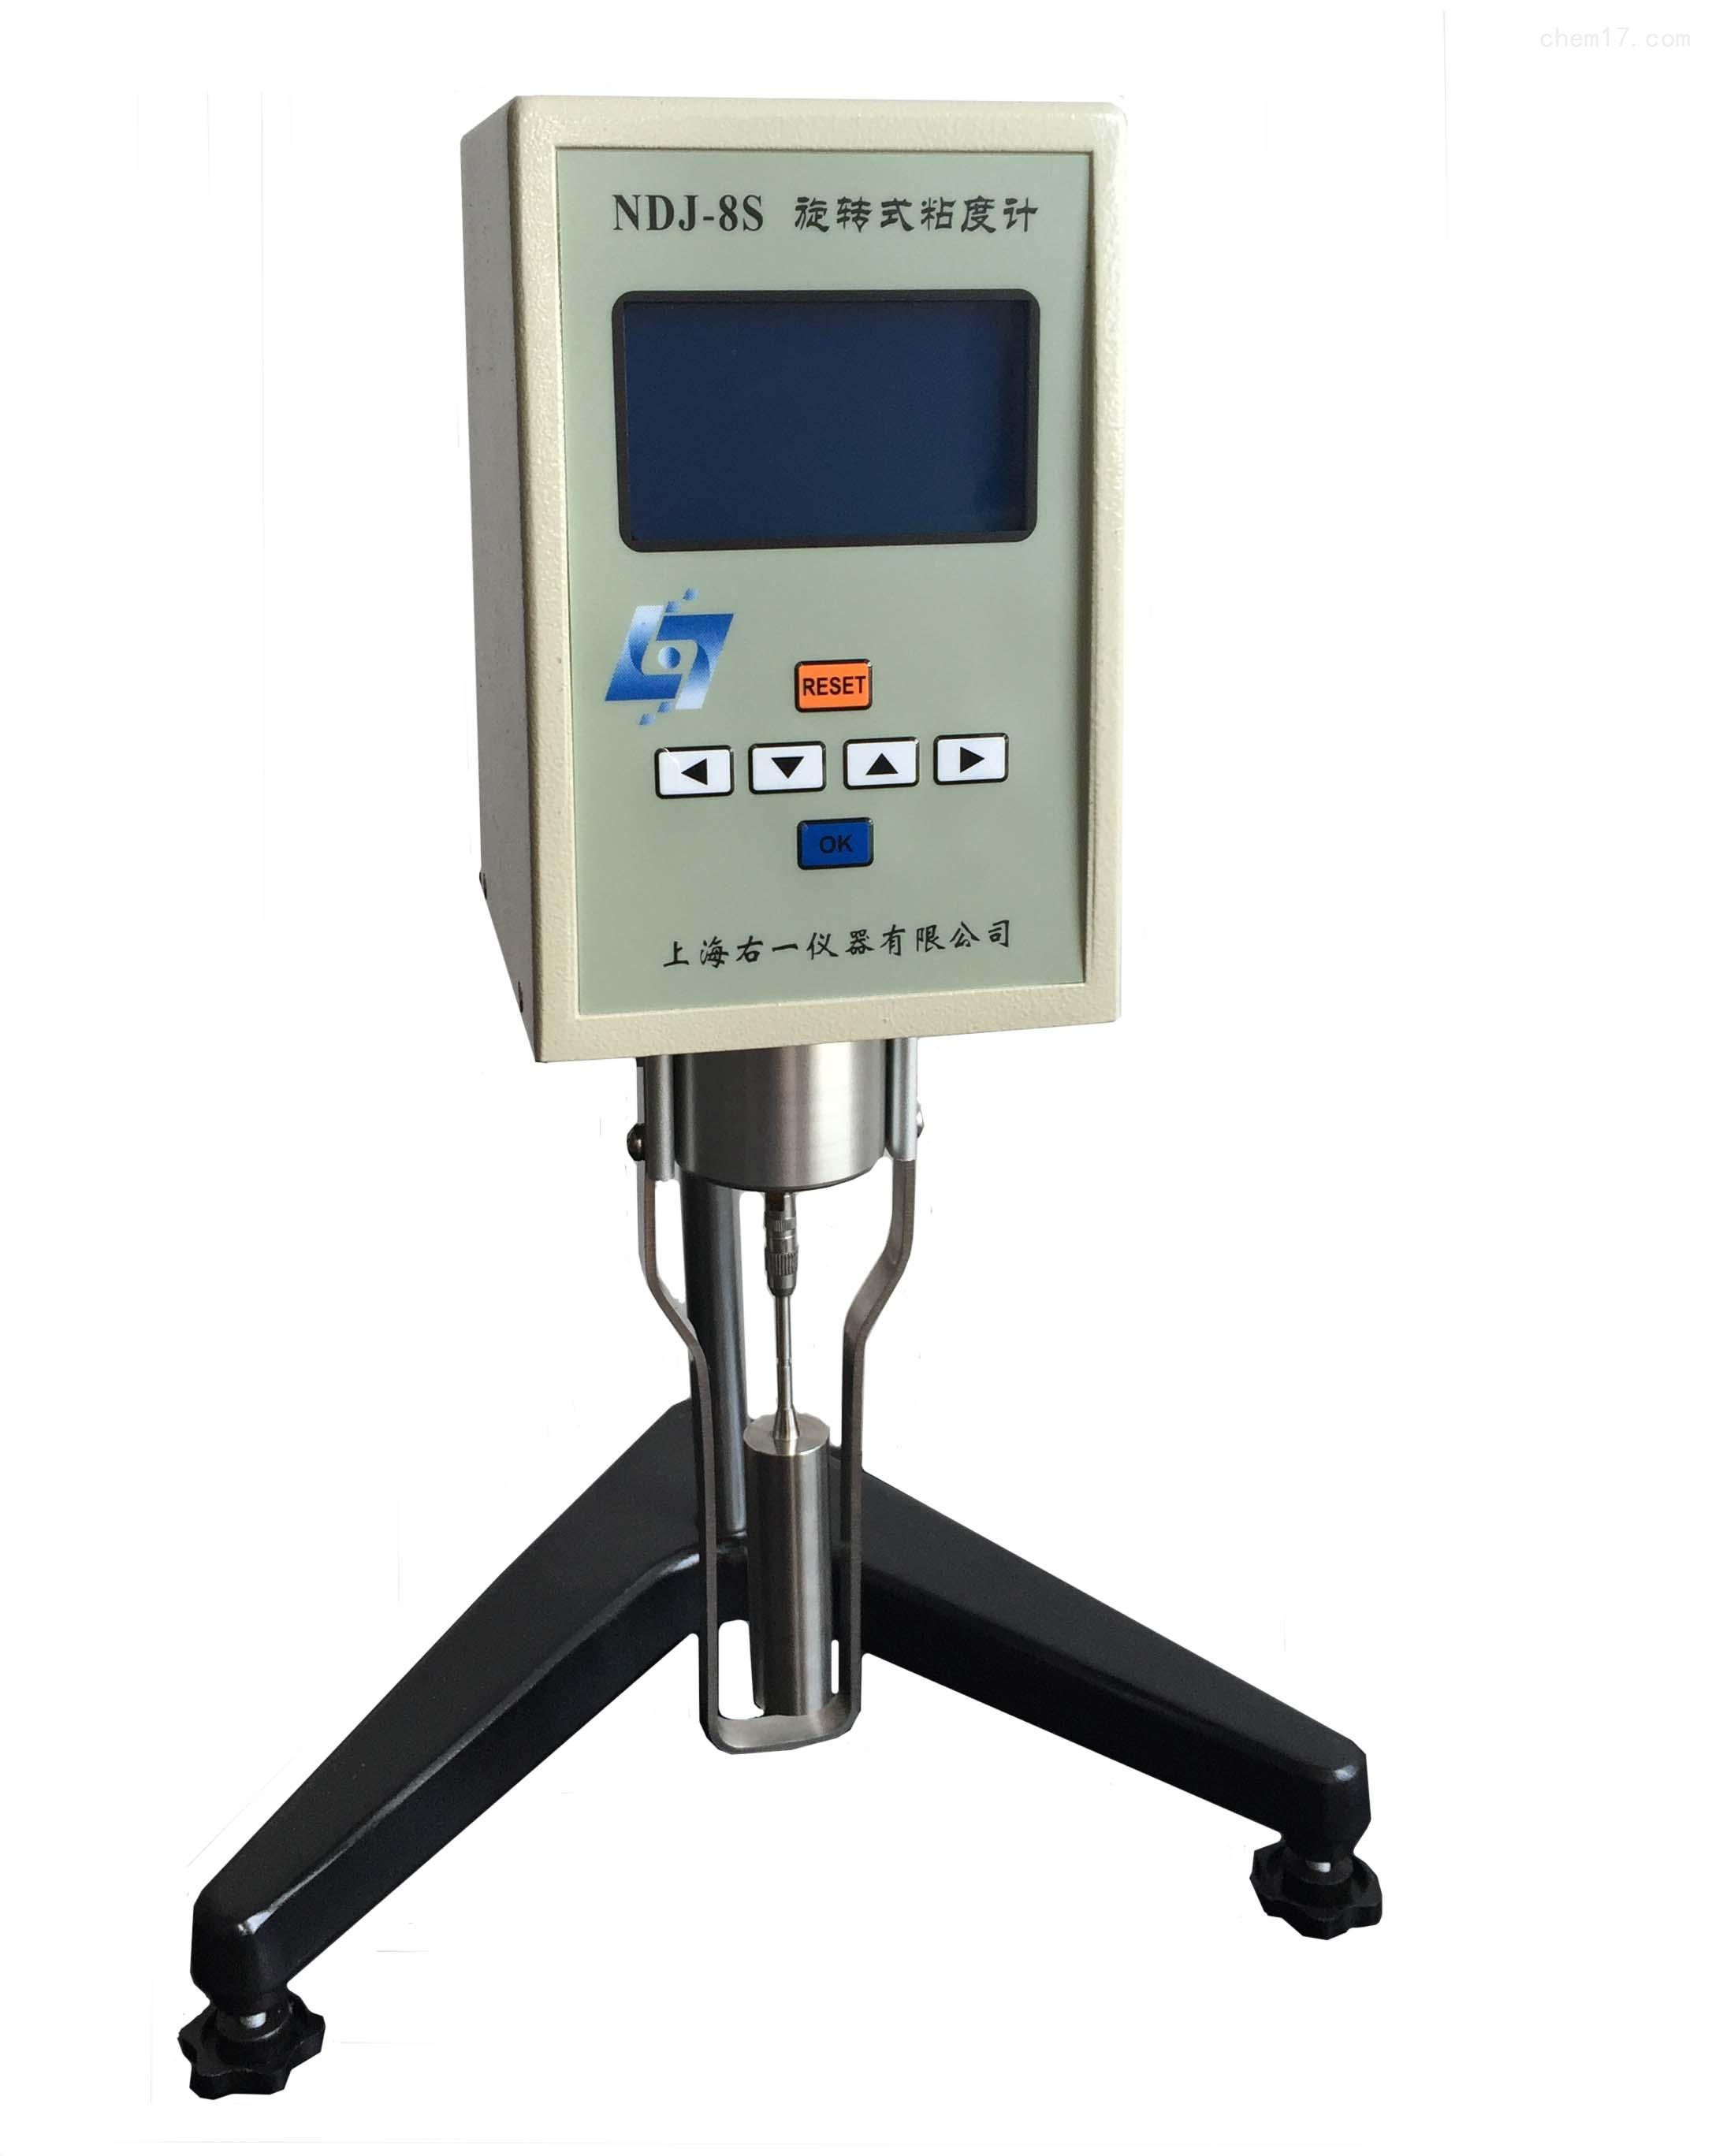 數顯旋轉粘度計NDJ-8S,大屏膜液晶顯示